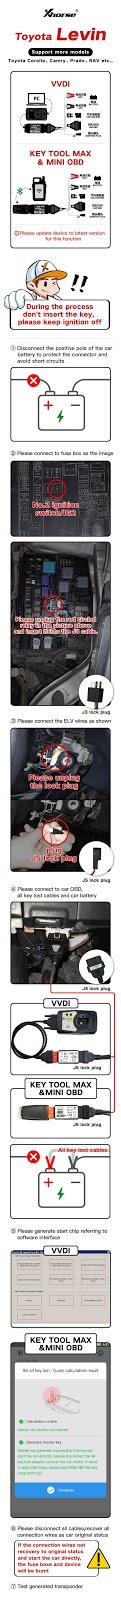 vvdi-8a-adapter-toyota-levin-akl